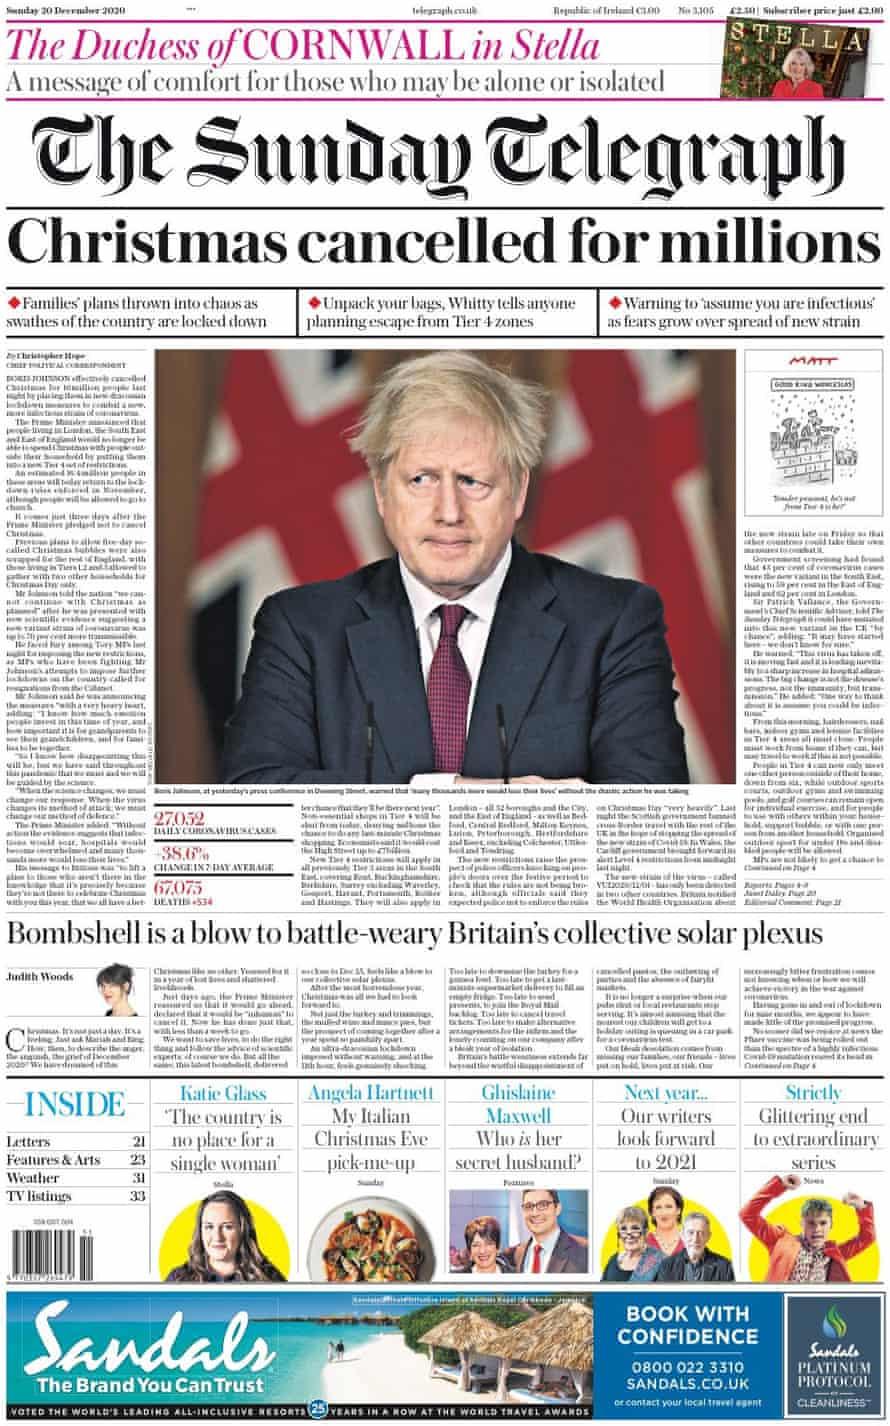 Sunday Telegraph, 20 de diciembre de 2020